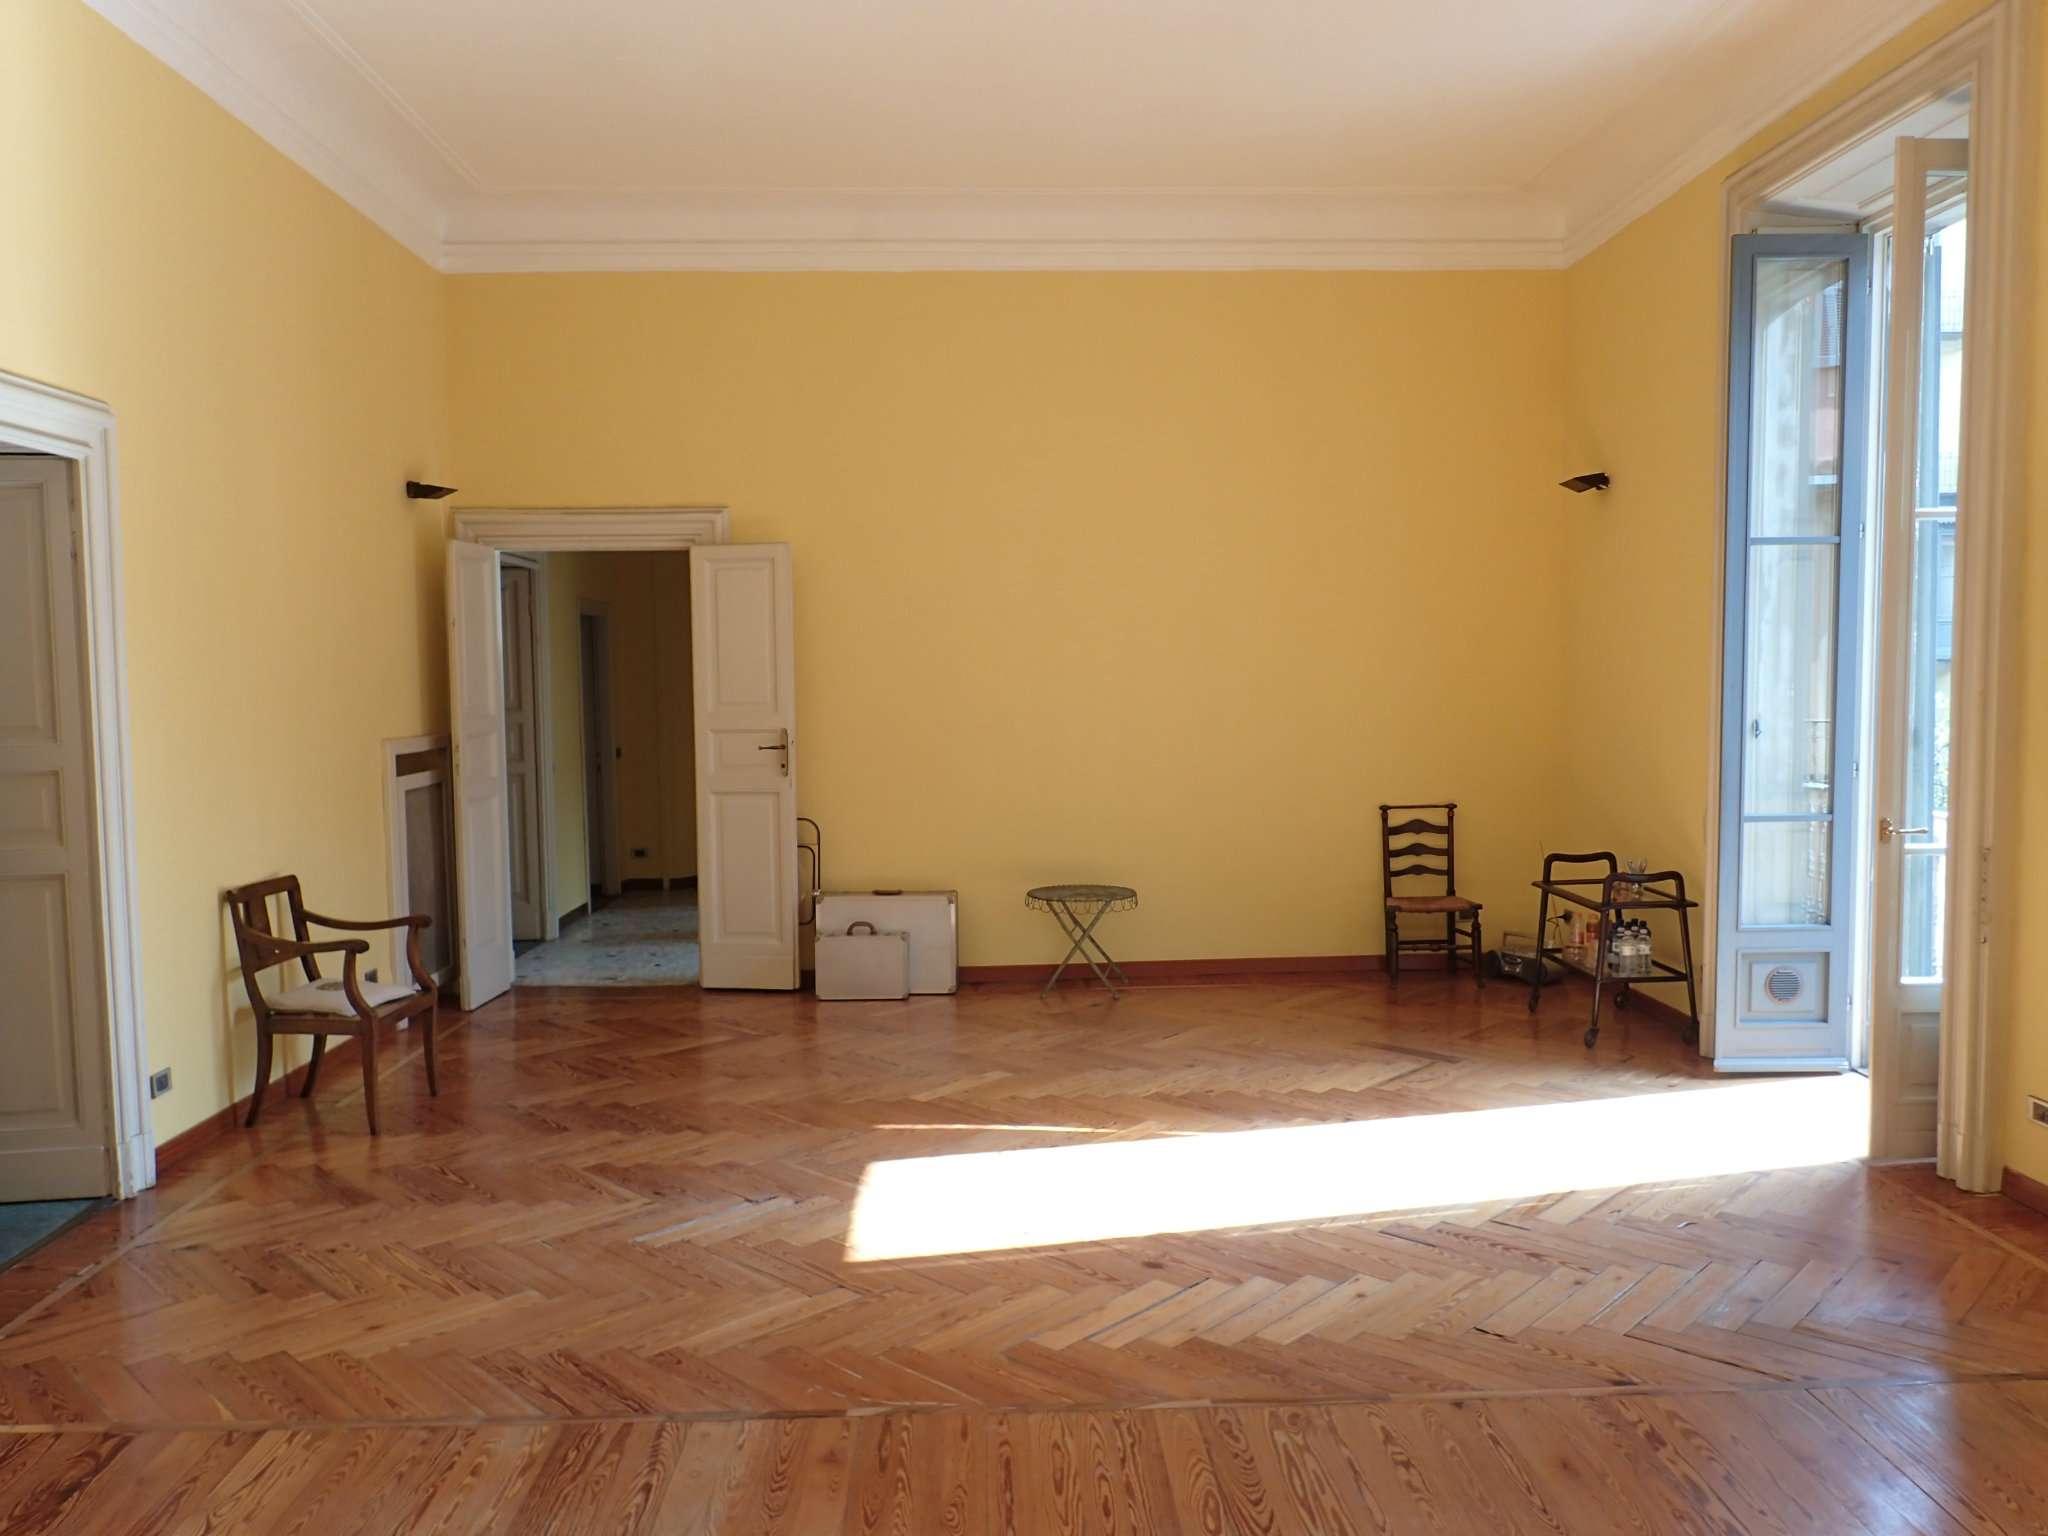 Appartamento di lusso in vendita a milano via paleocapa for Grandi planimetrie dell appartamento